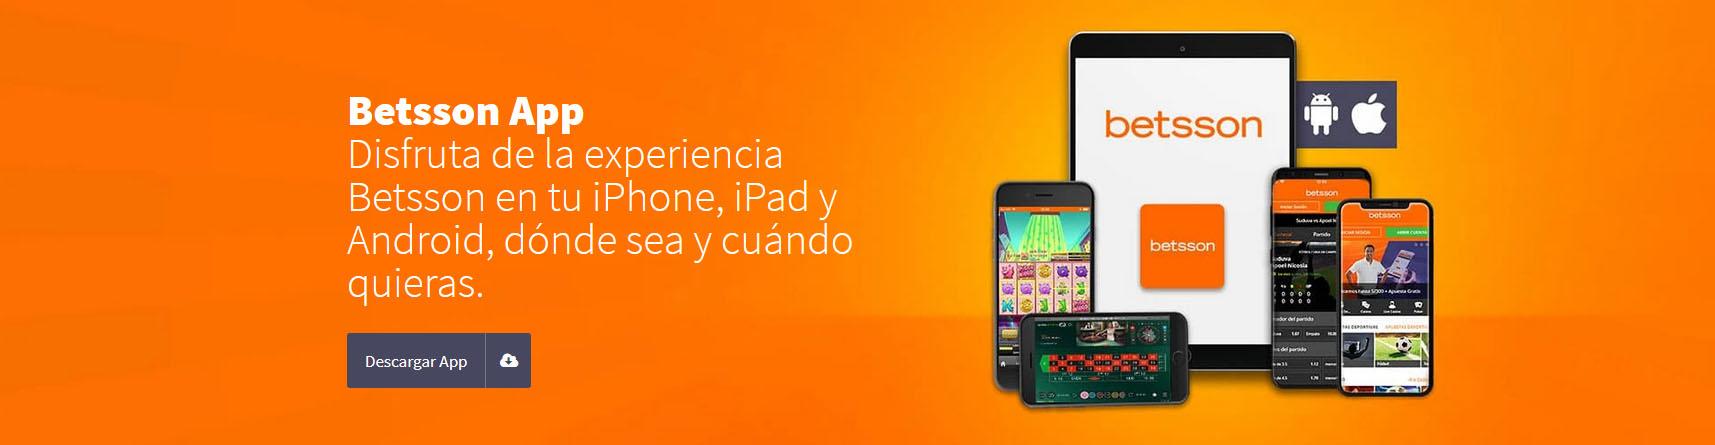 Betsson Perú app